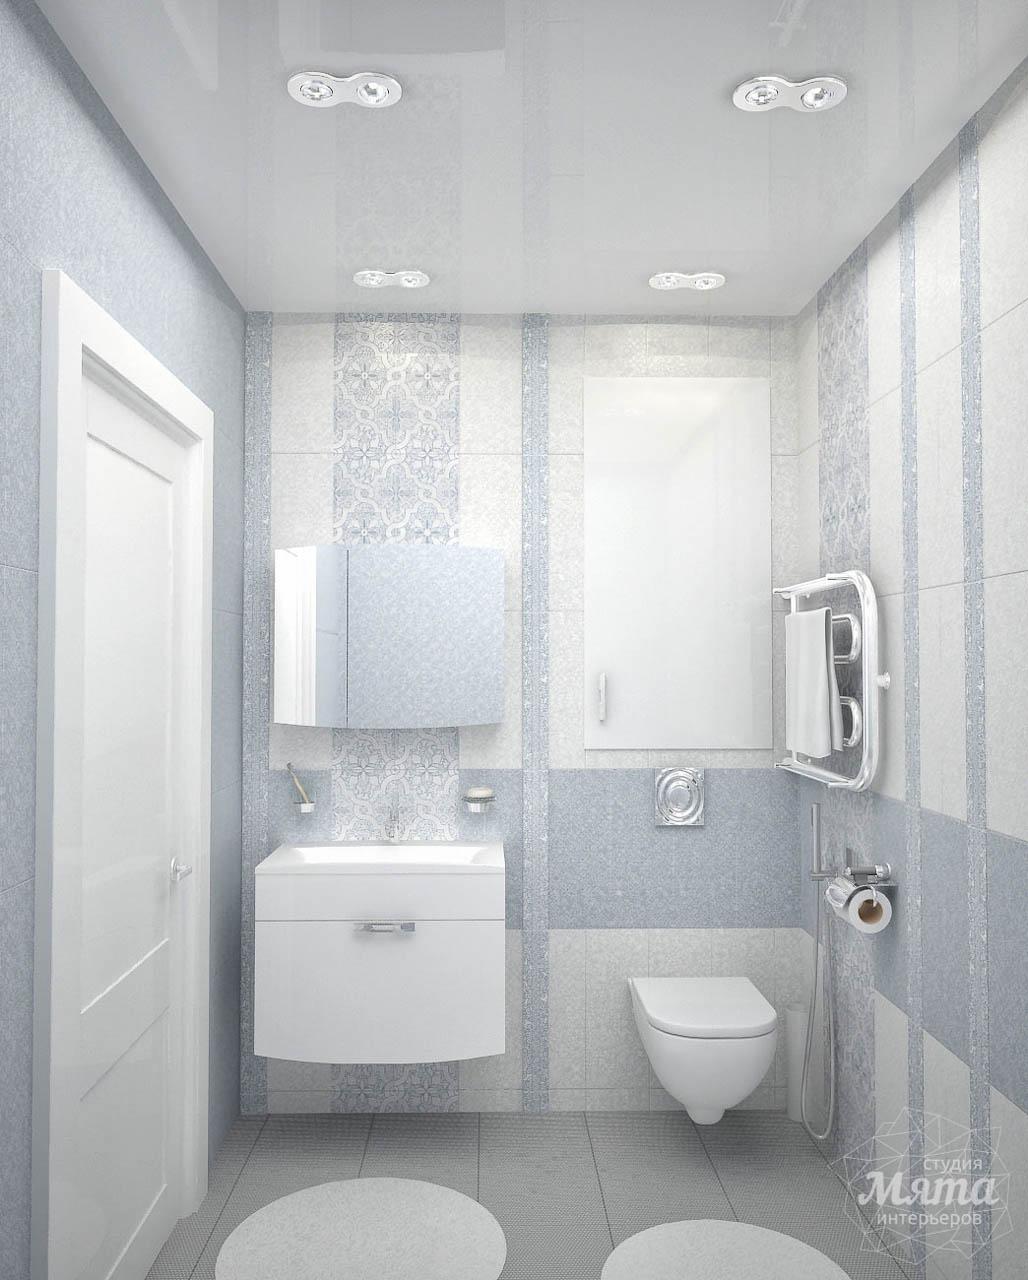 Дизайн интерьера и ремонт трехкомнатной квартиры по ул. Фучика 9 img1506855944